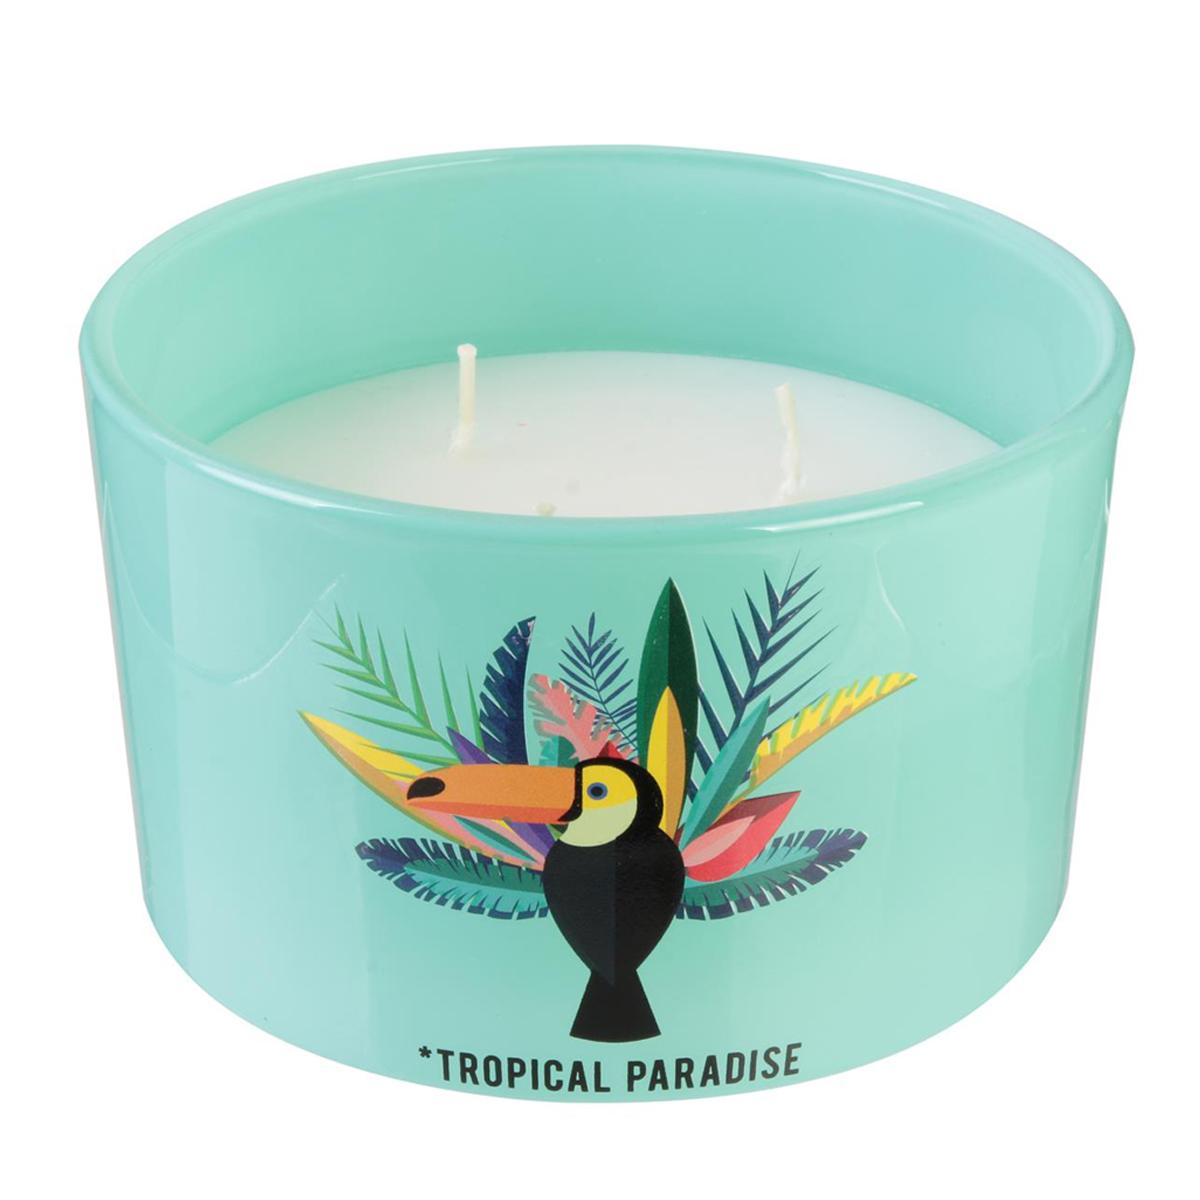 Bougie décorative \'Tropical\' vert blanc (Toucan - Tropical Paradise) 3 mèches - 13x85 cm - [Q7709]